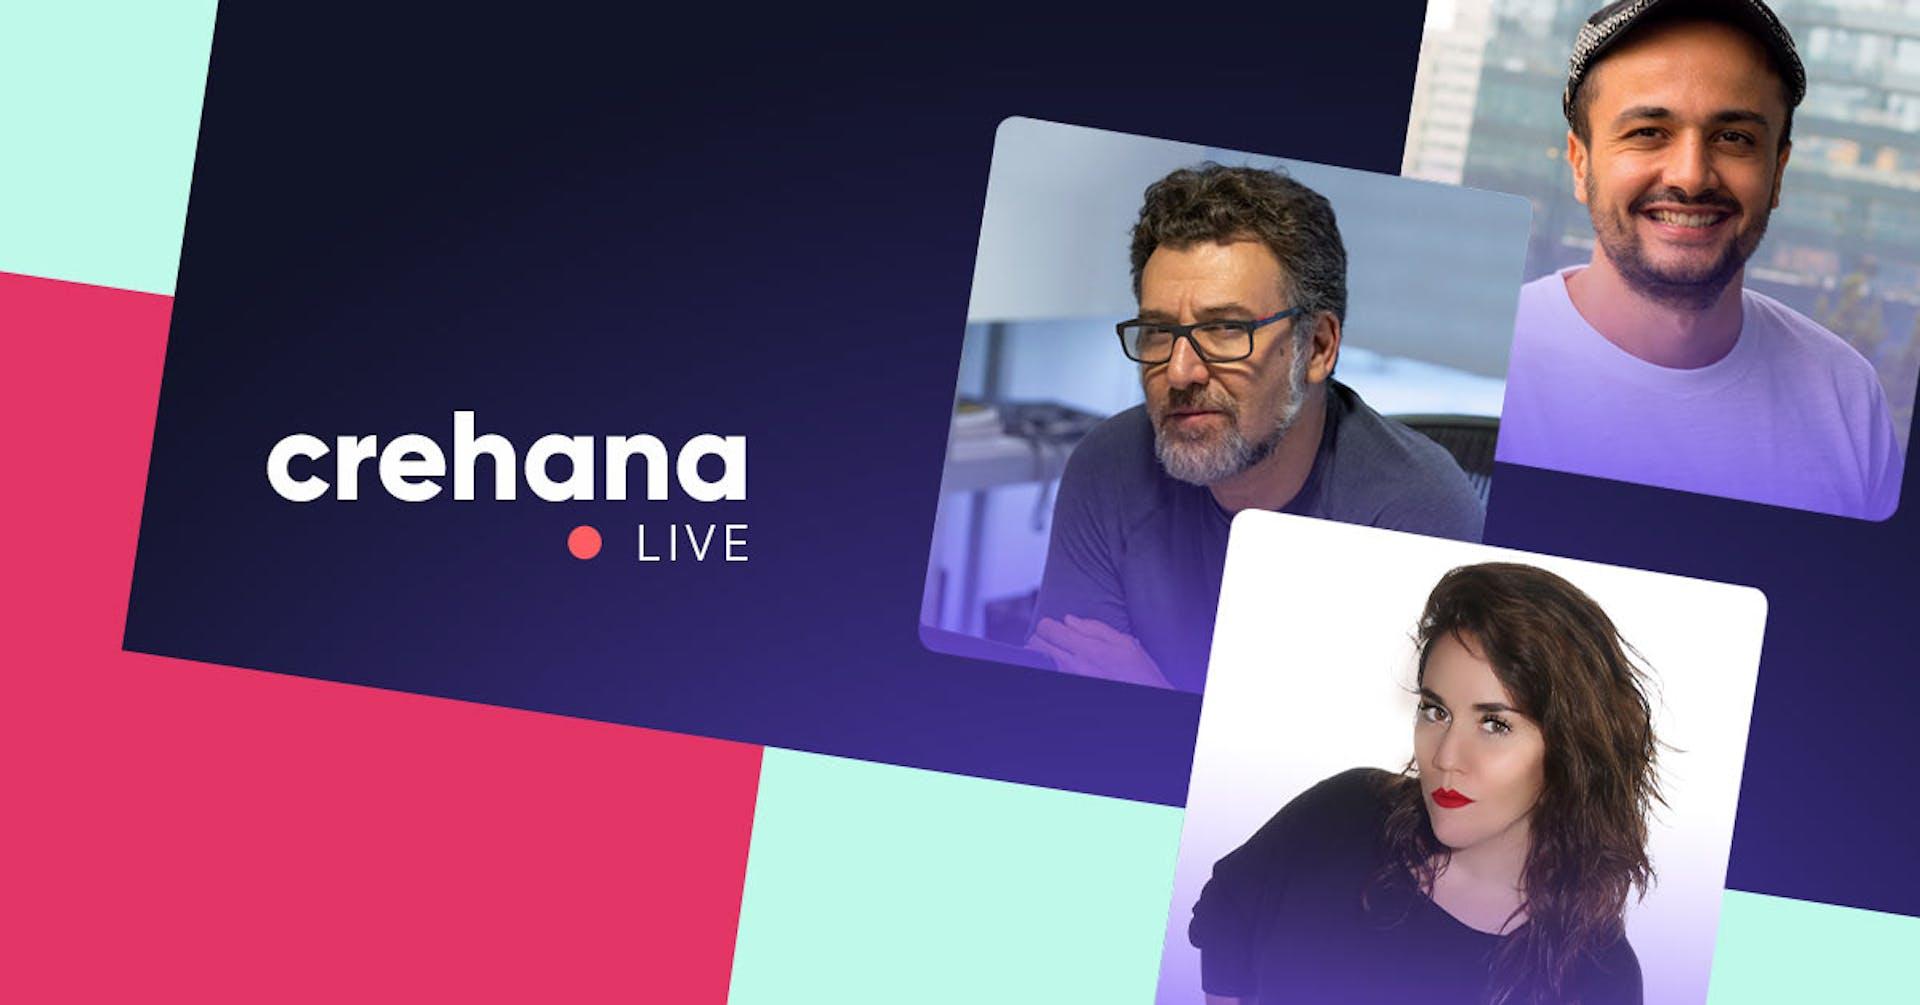 Crehana Live: reveja o melhor do Marketing